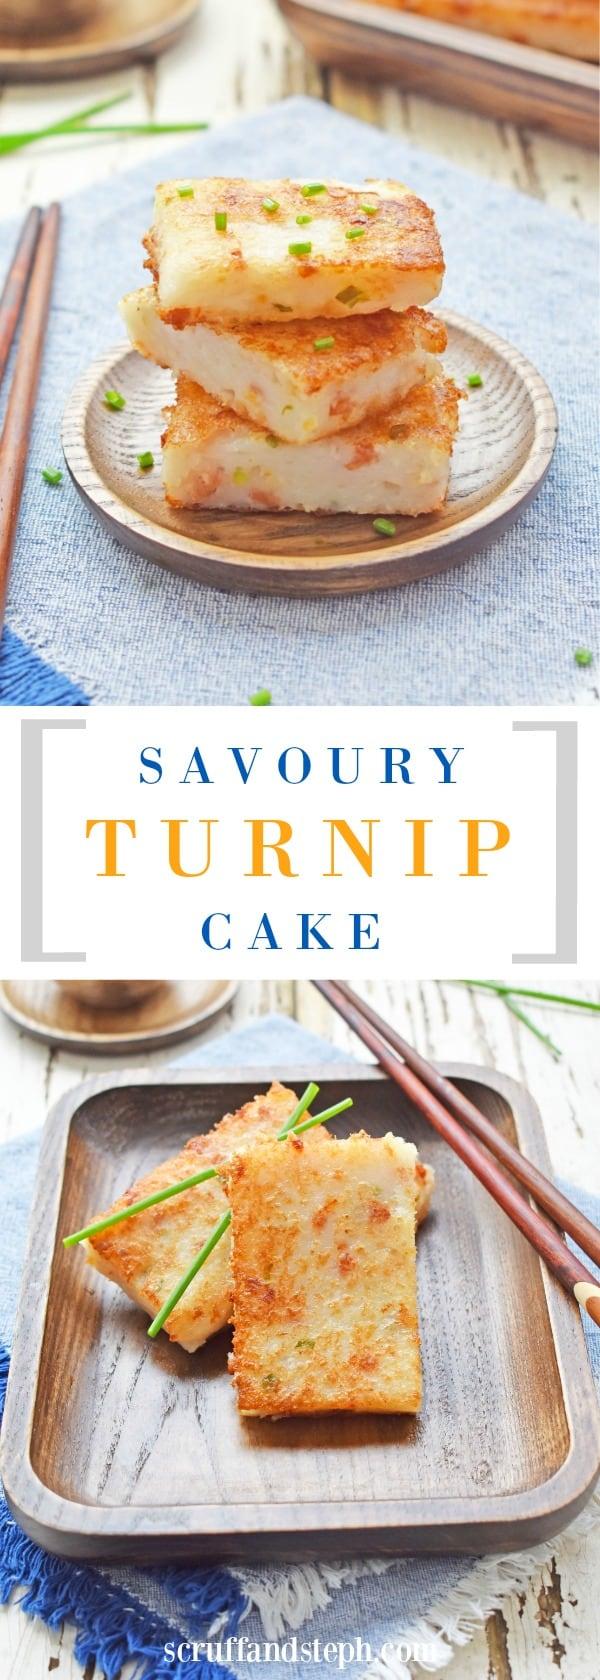 Turnip Cake / Banh Bot Chien (cheat version)